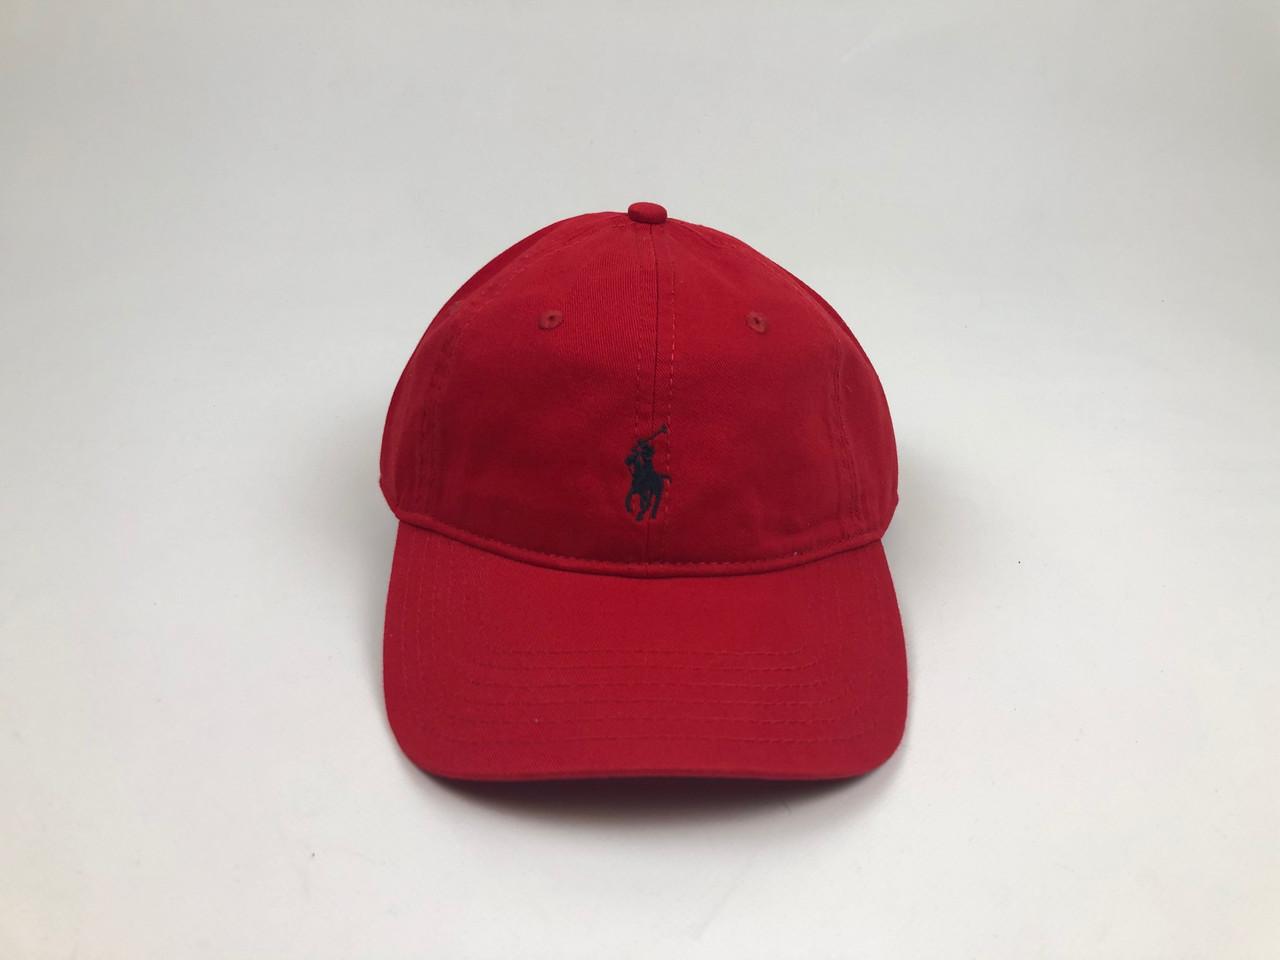 Кепка бейсболка Polo Ralph Lauren (красная с черным лого)